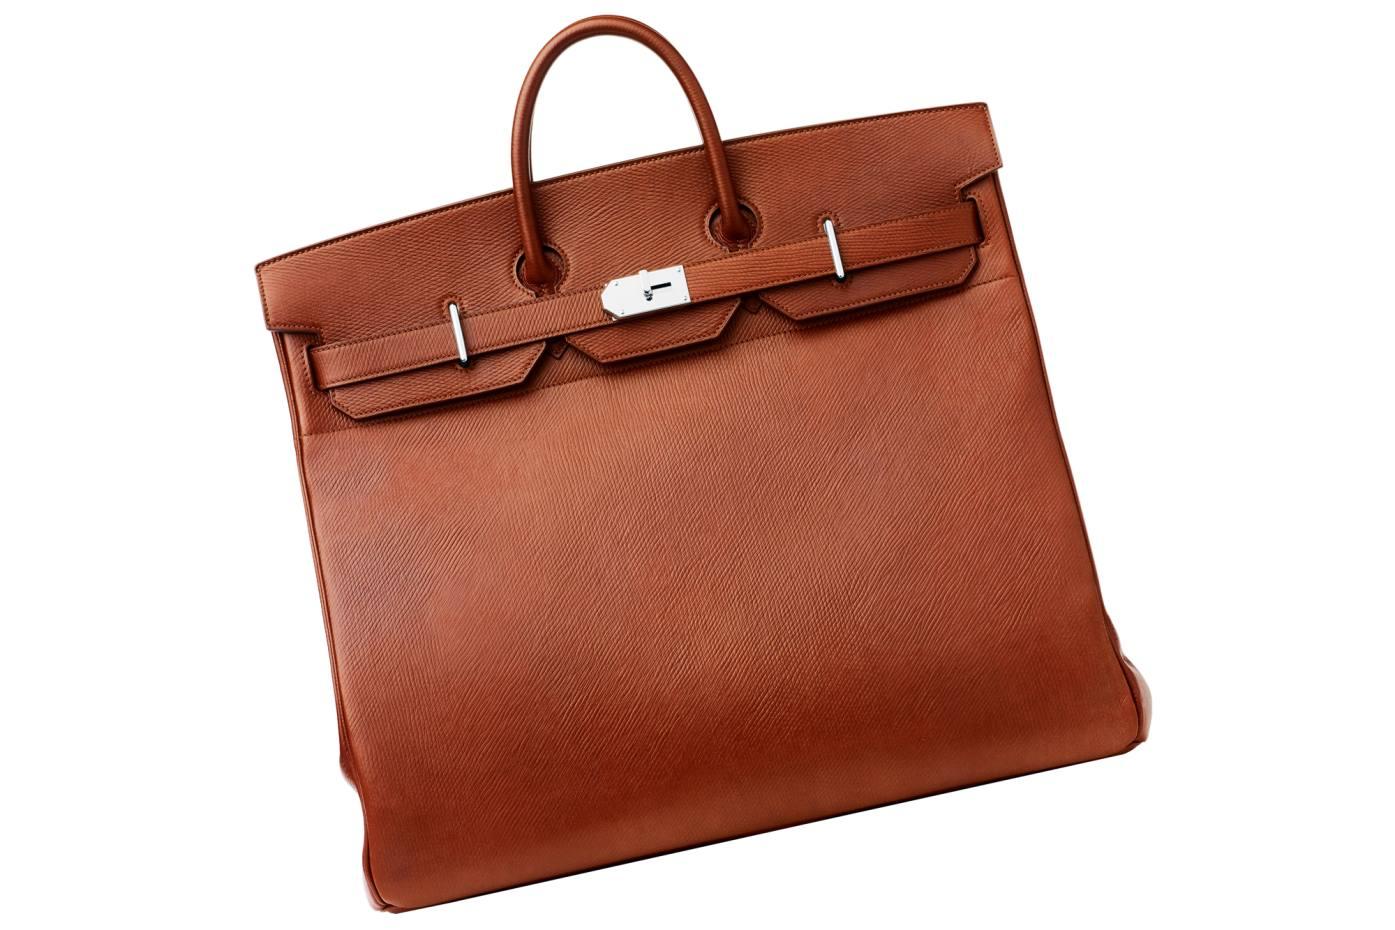 Hermès Haut à Courroies bag, price on request